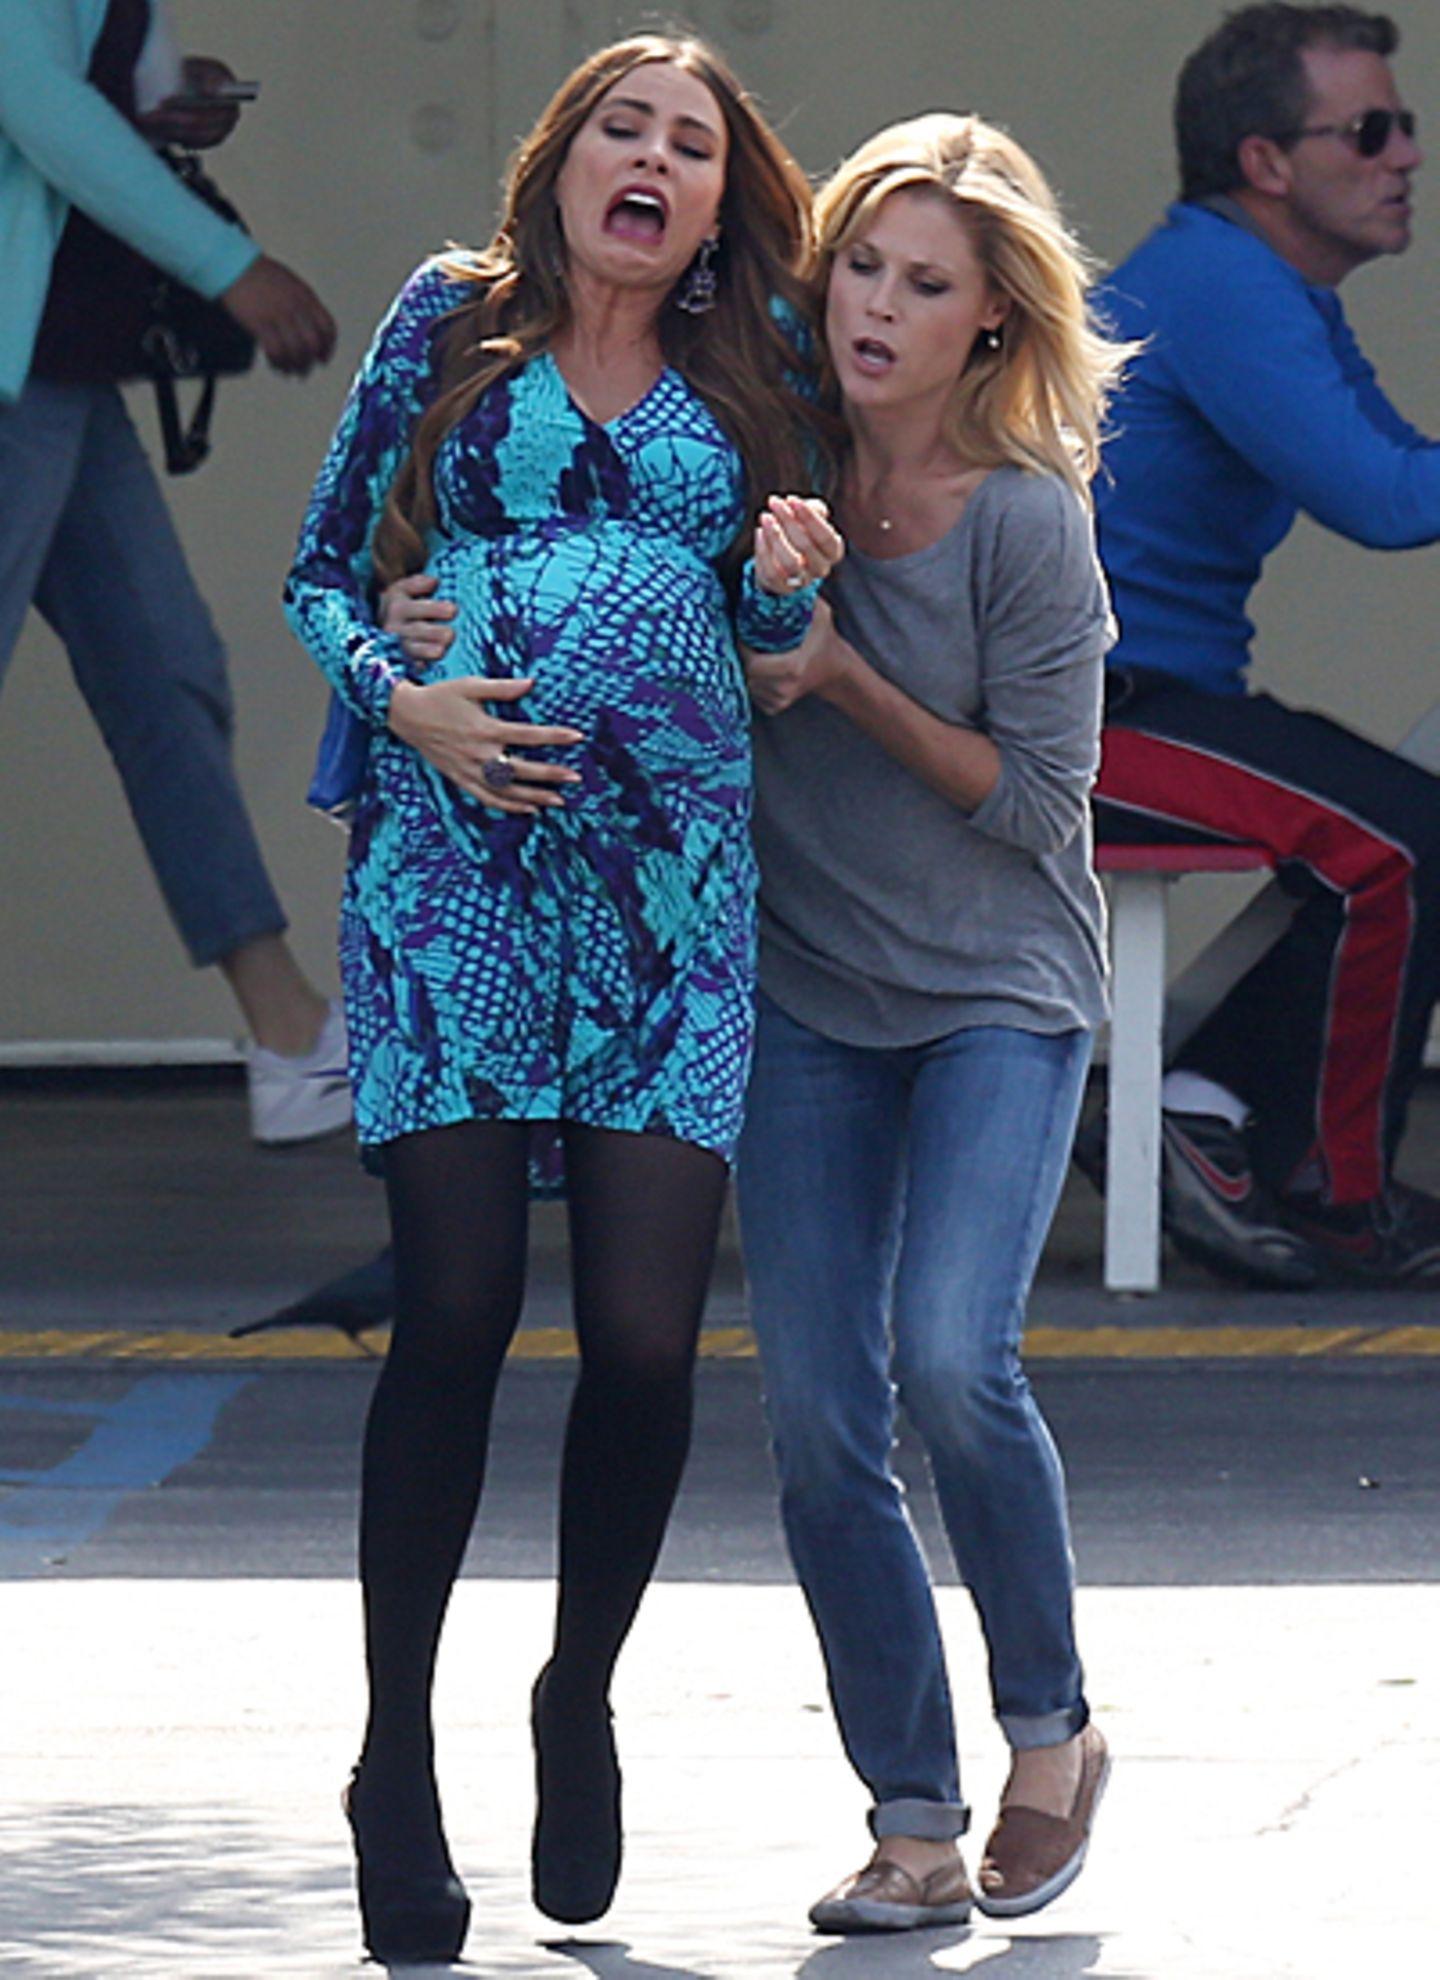 9. Oktober 2012: Auf einem Supermarkt-Parkplatz bekommt Sofia Vergara Wehen - allerdings nur bei den Dreharbeiten zur Erfolgsser